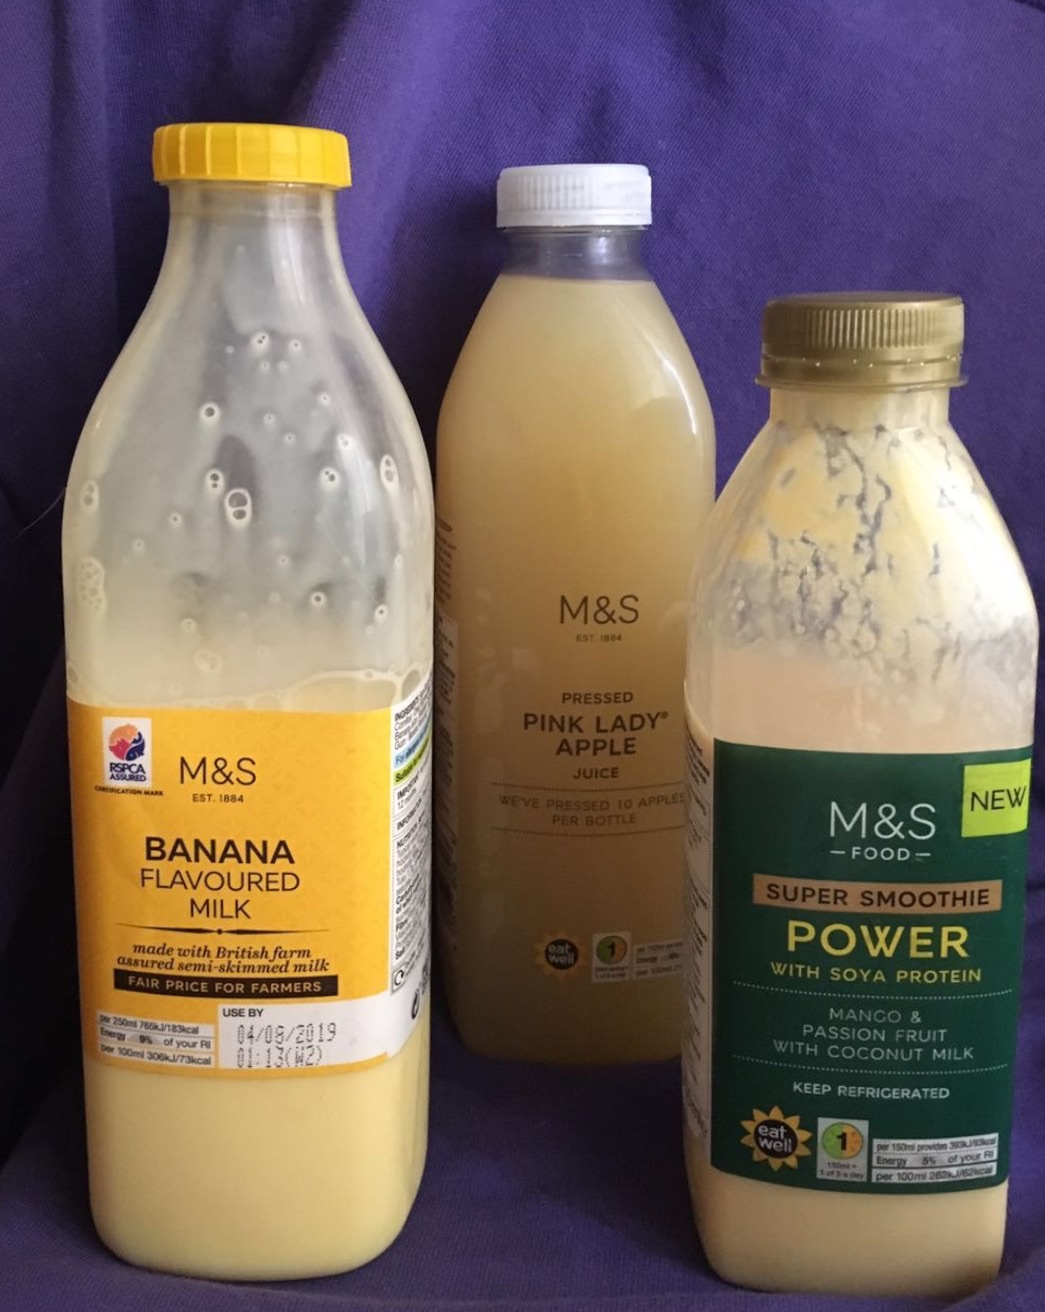 M&S黄色饮料爱好者🤣香蕉牛奶 芒果百香果smoothie